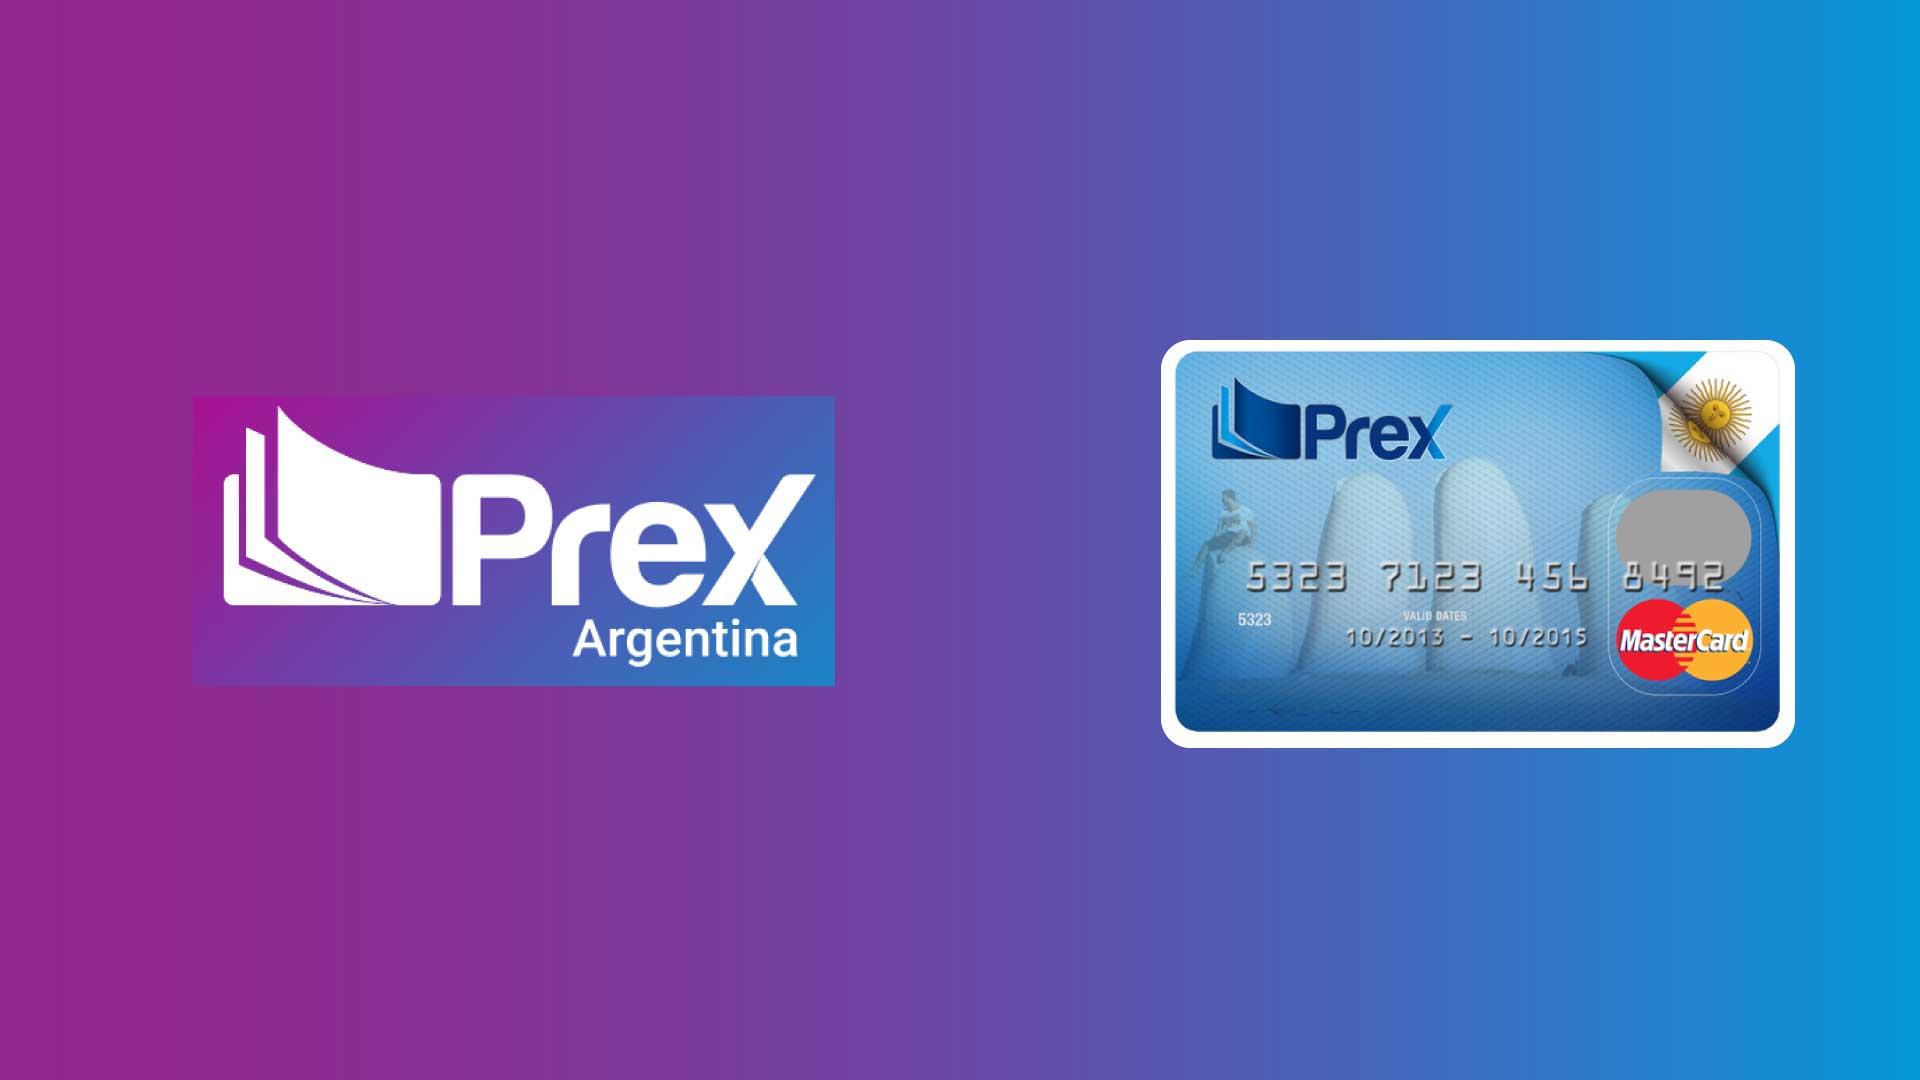 Todo lo que tenes que saber de PREX Argentina💸 Opinion